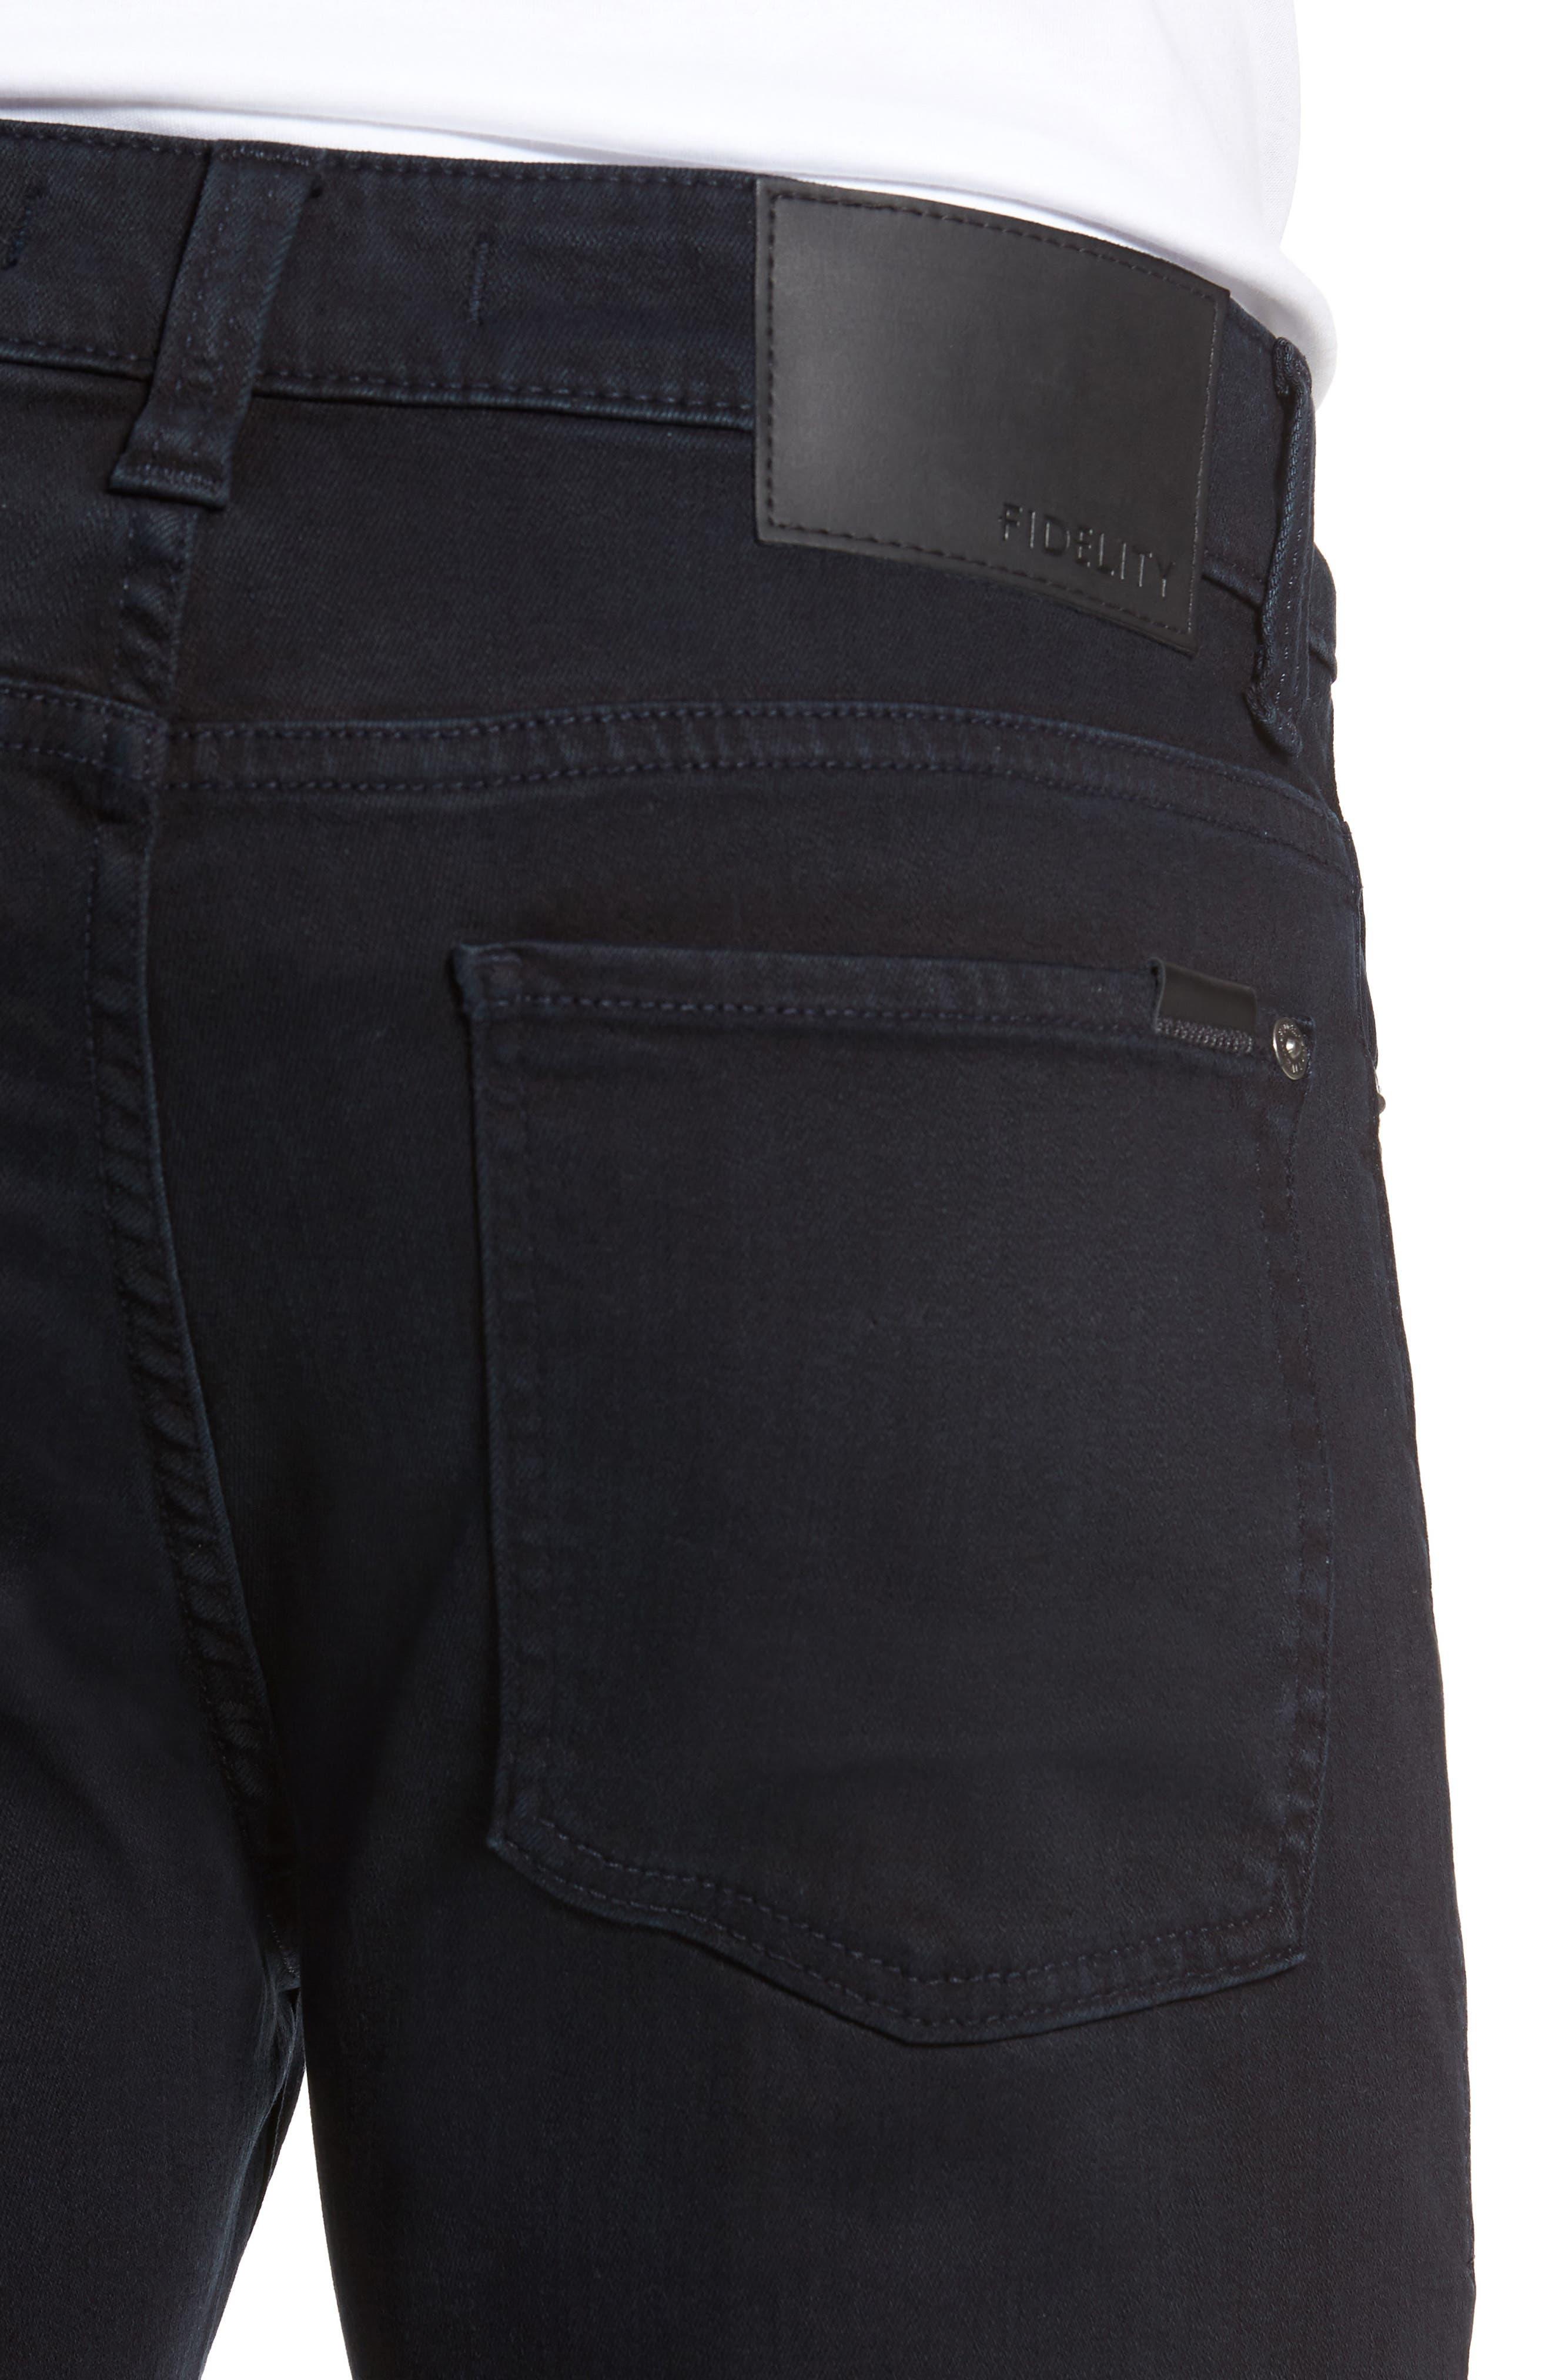 Torino Slim Fit Jeans,                             Alternate thumbnail 4, color,                             Saffire Blue